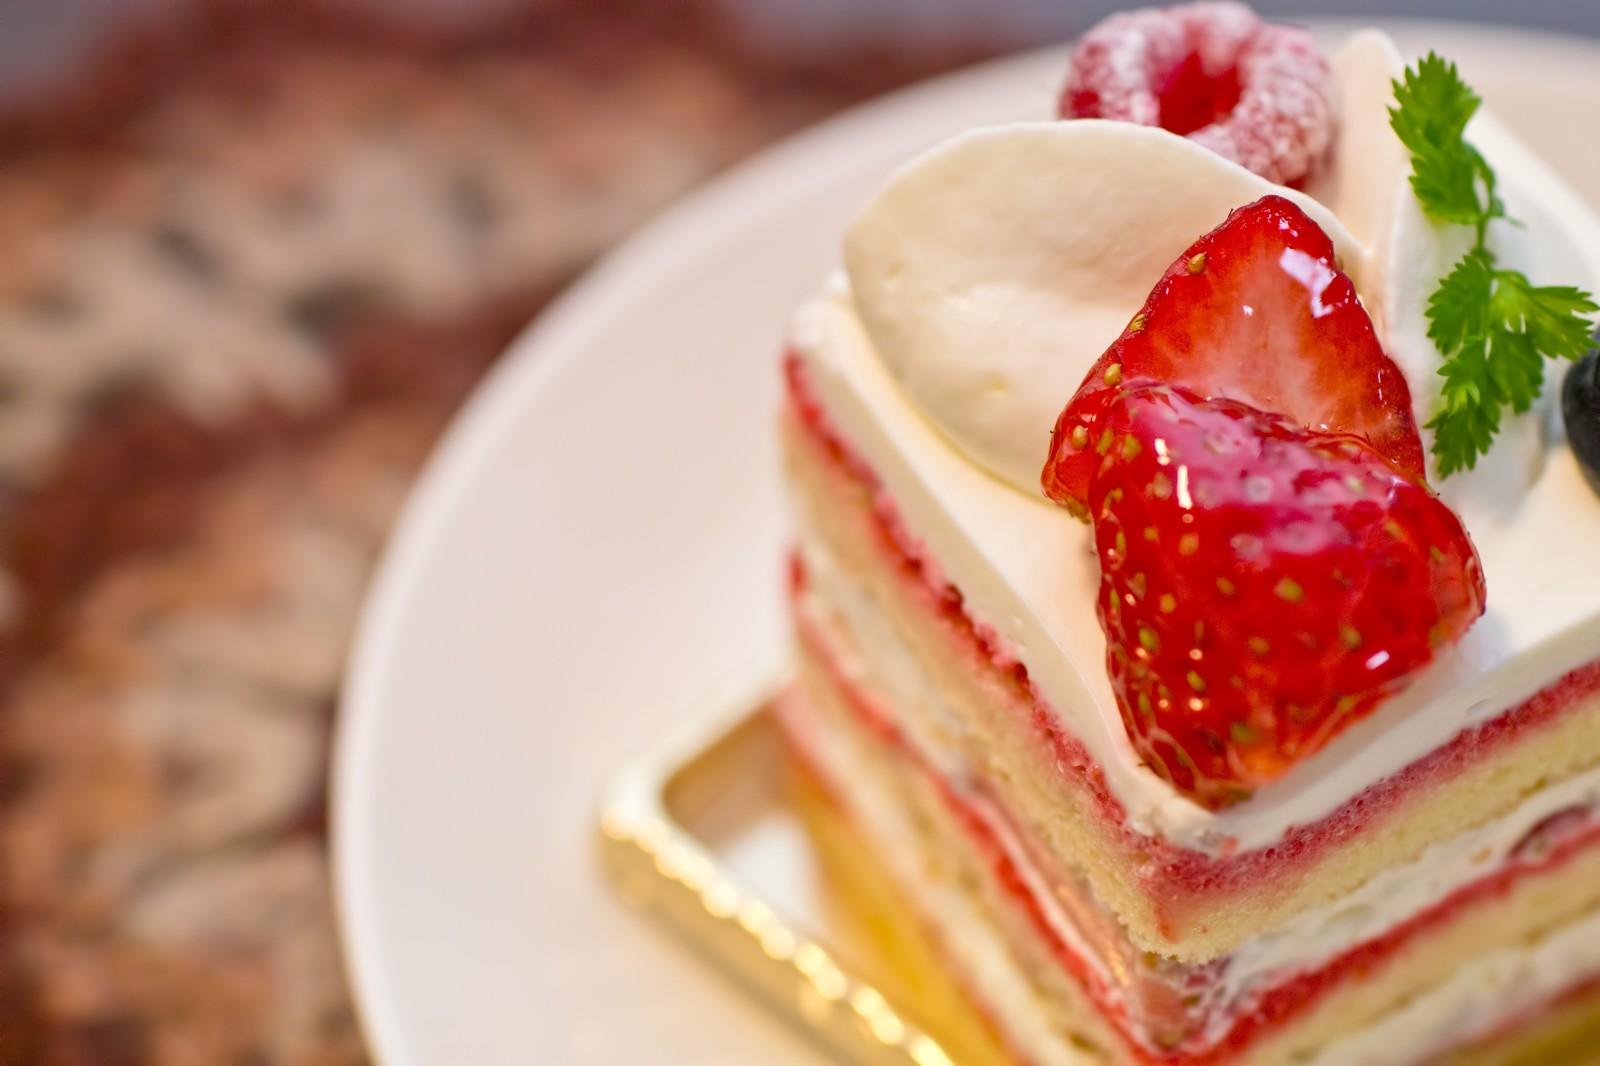 天王寺で人気のケーキ屋21選!バイキングが魅力・誕生日におすすめのお店も!